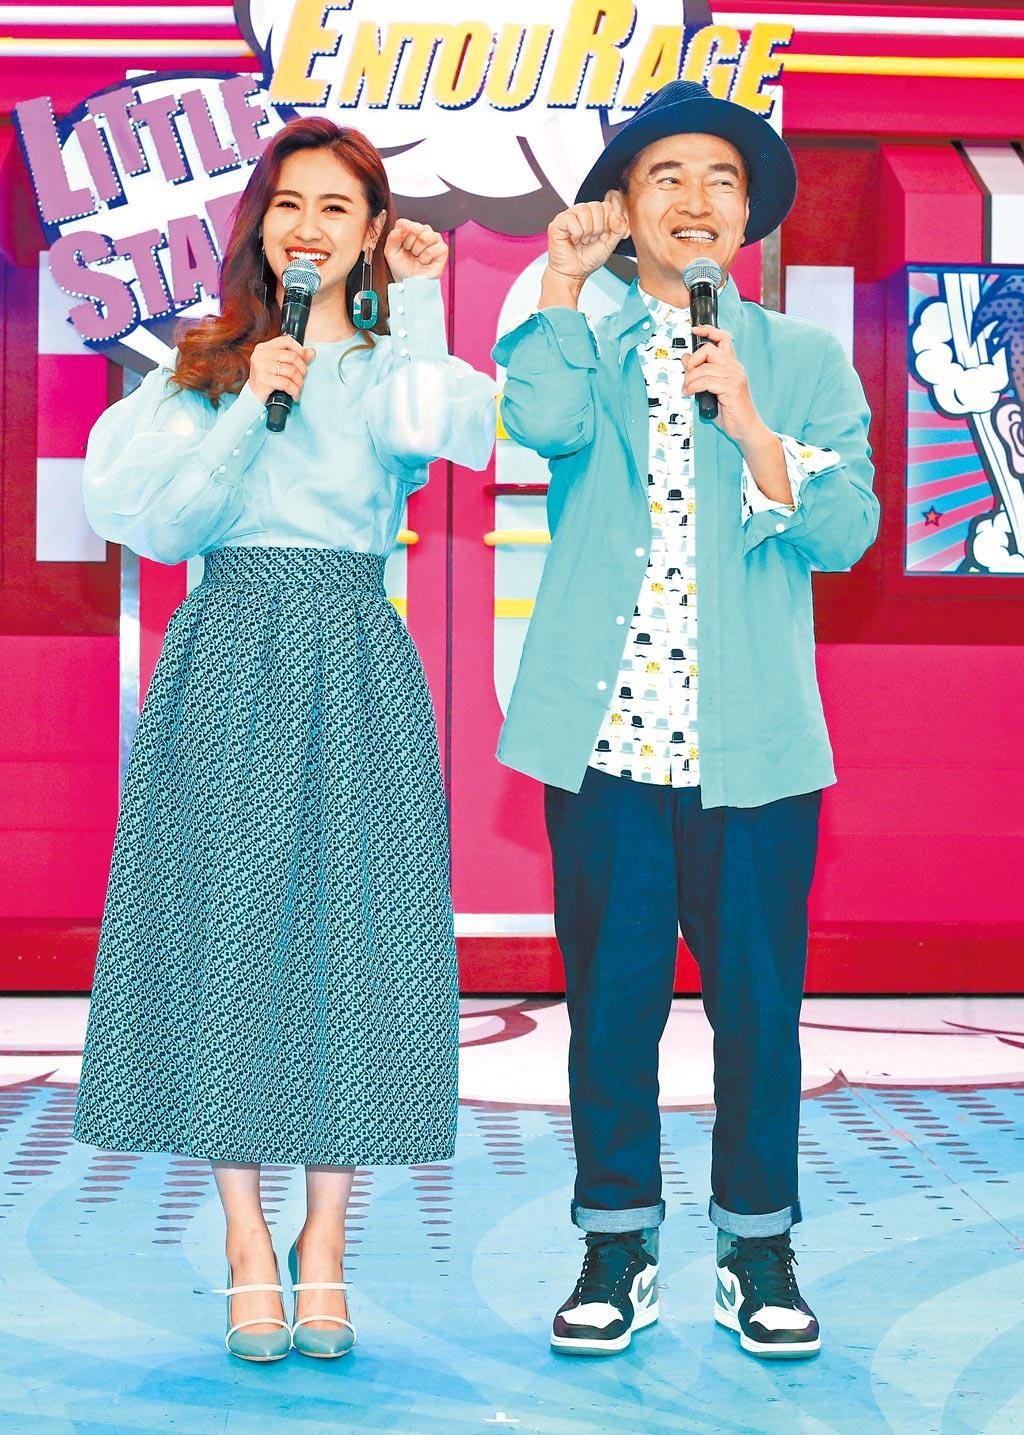 吳宗憲(右)與女兒Sandy主持中天綜合台《小明星大跟班》受好評。(資料照片)